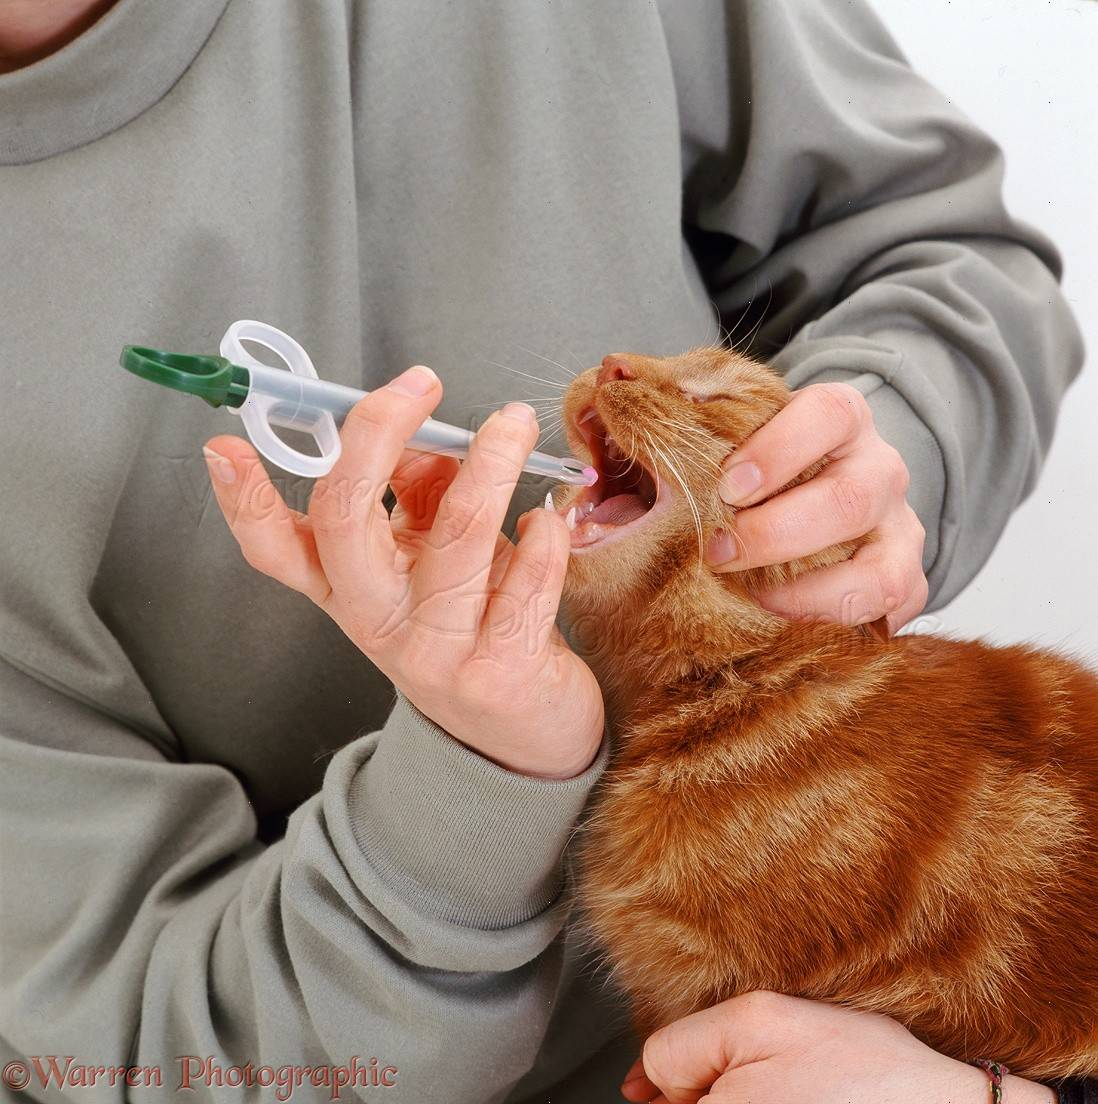 Как кошке или коту дать таблетку: эффективные и безопасные способы, таблеткодаватель, полезные фото и видео